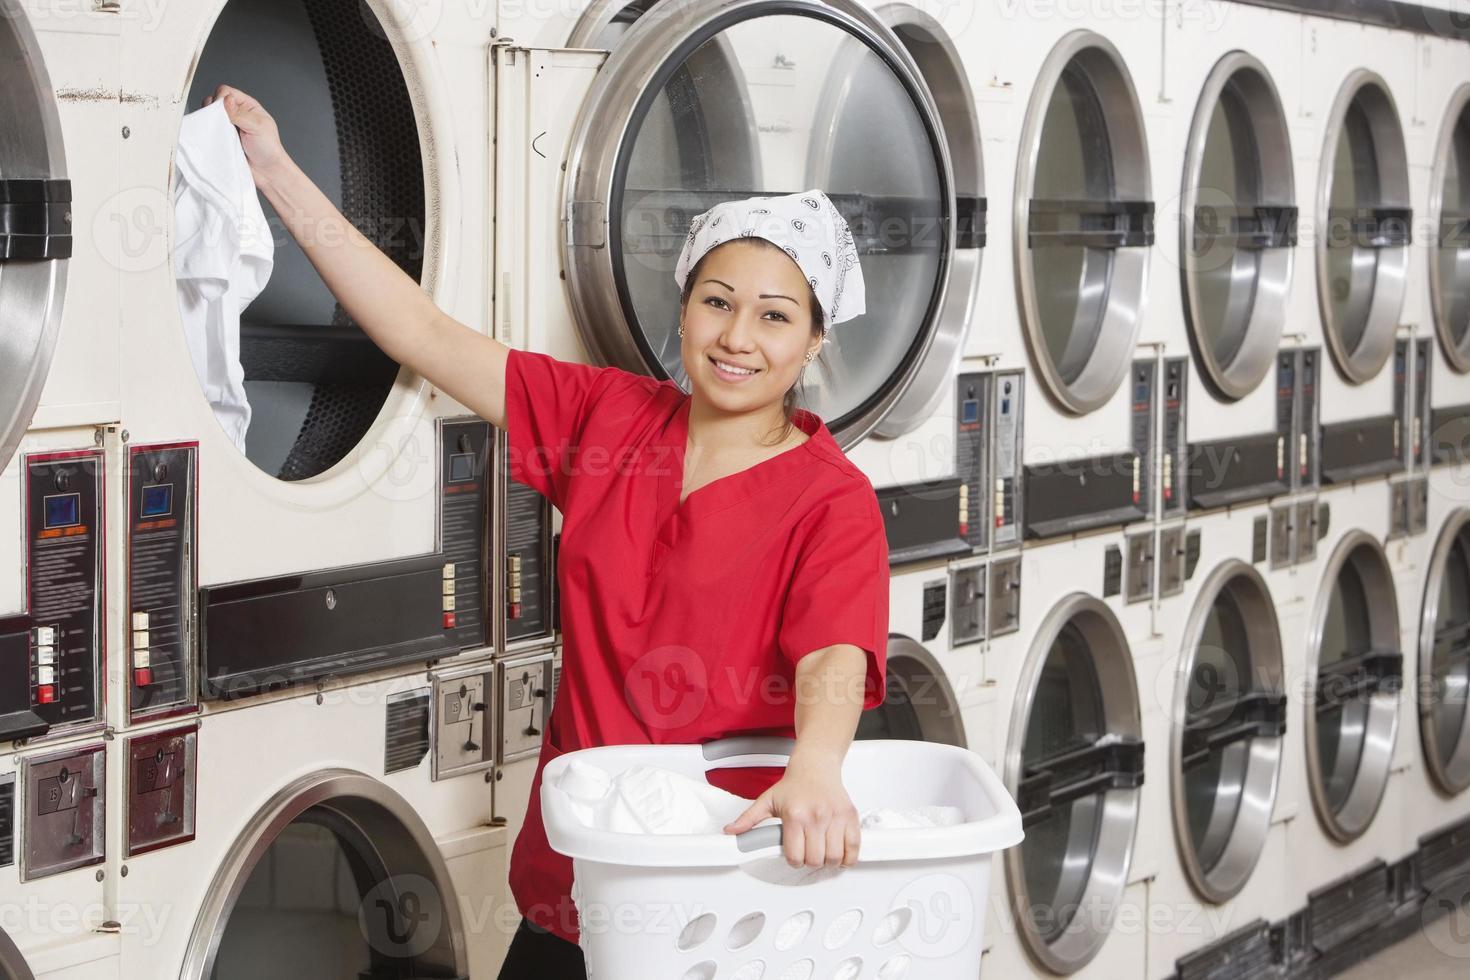 lavoratore felice lavanderia a gettoni foto